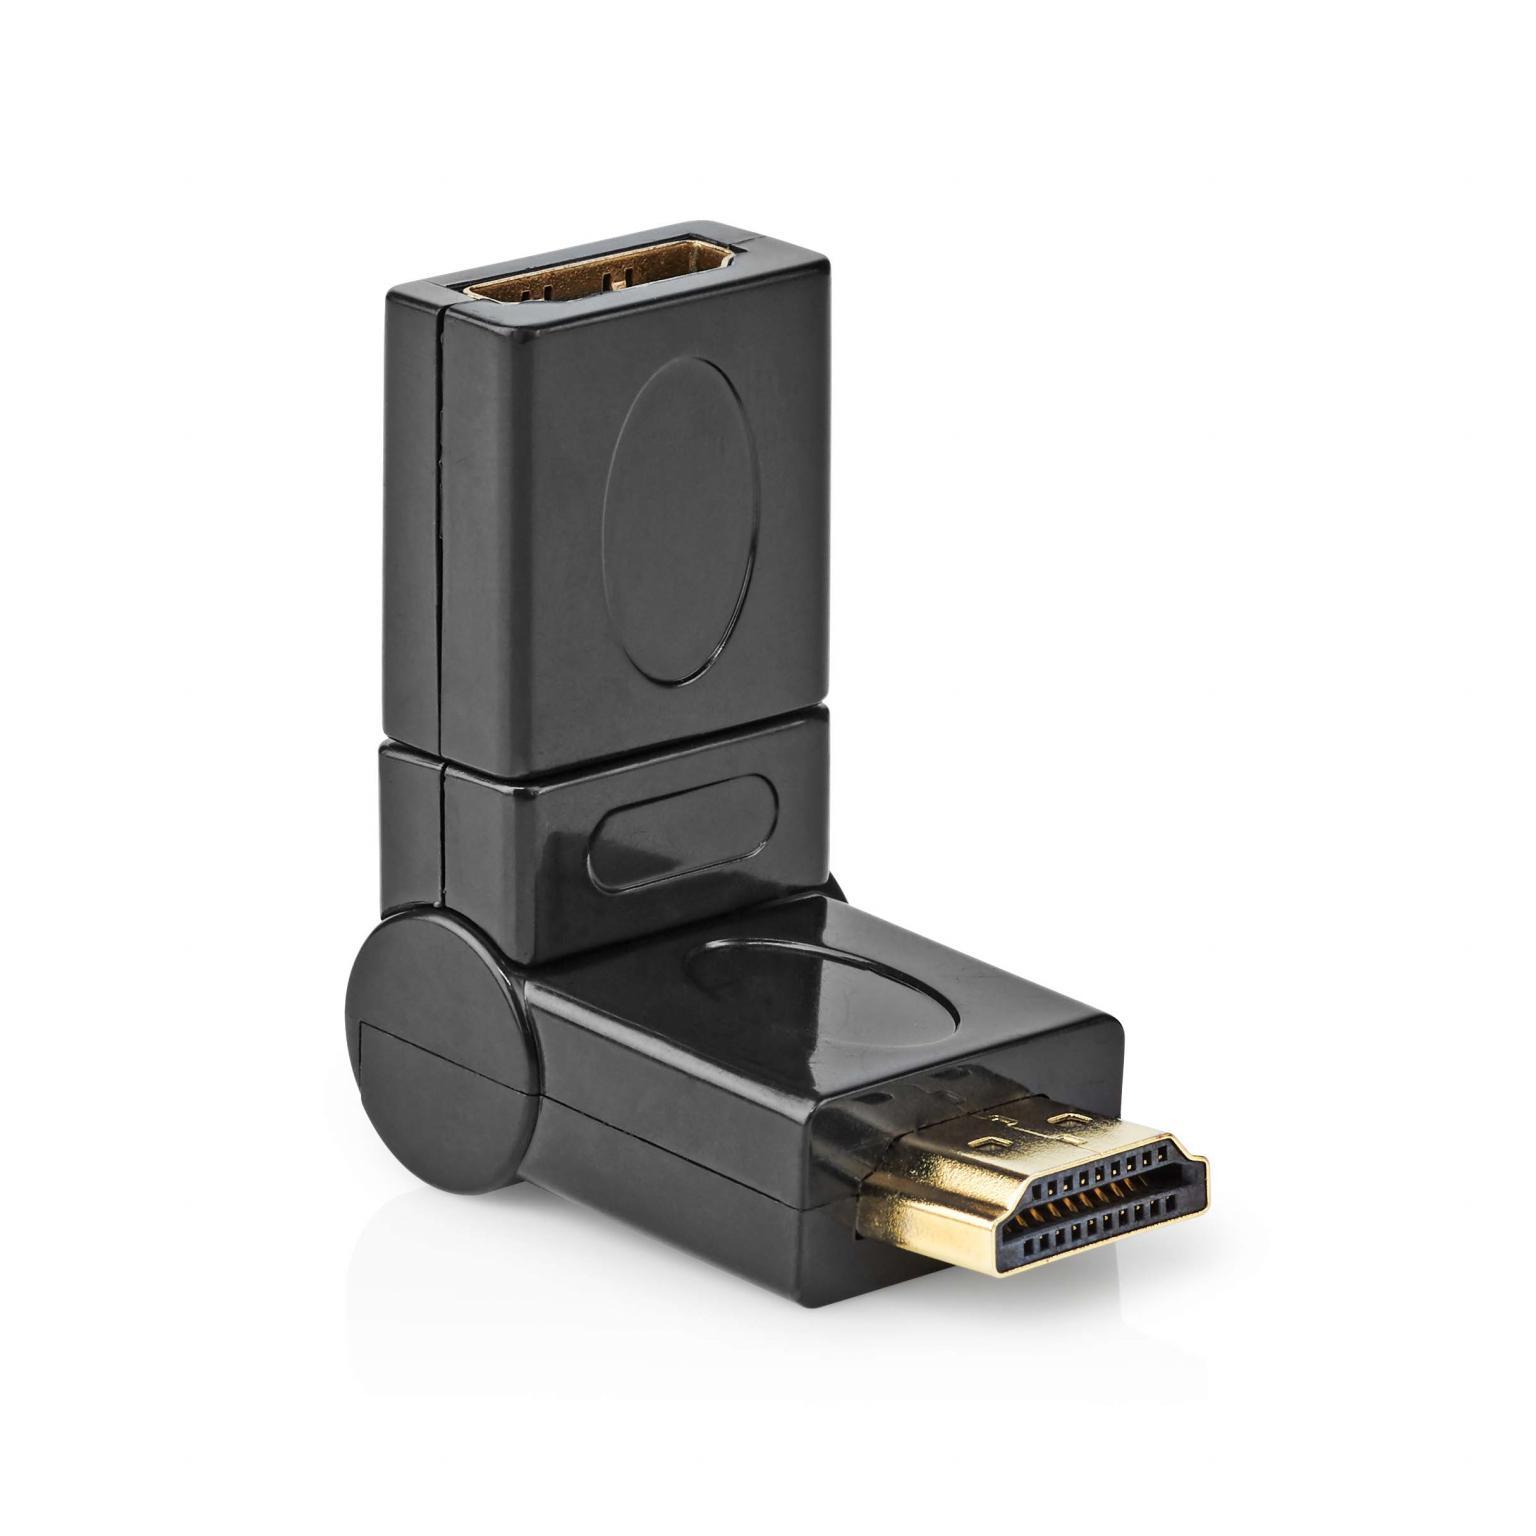 HDMI Verloopstekker Verguld: Ja